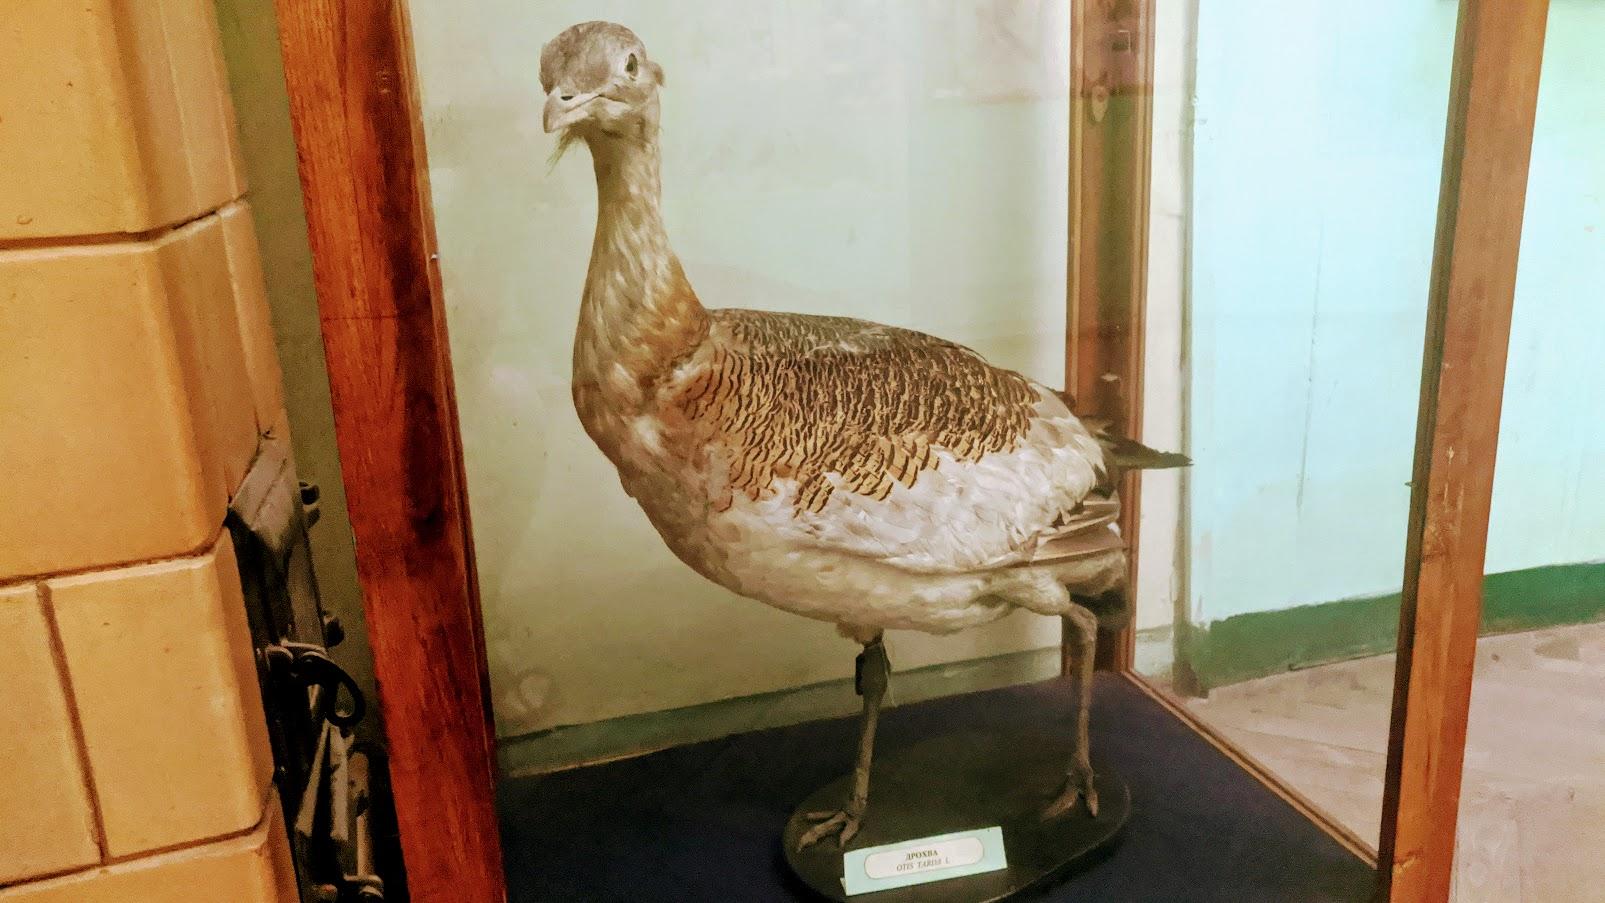 Загадковий птах у експозиції ужгородського замку